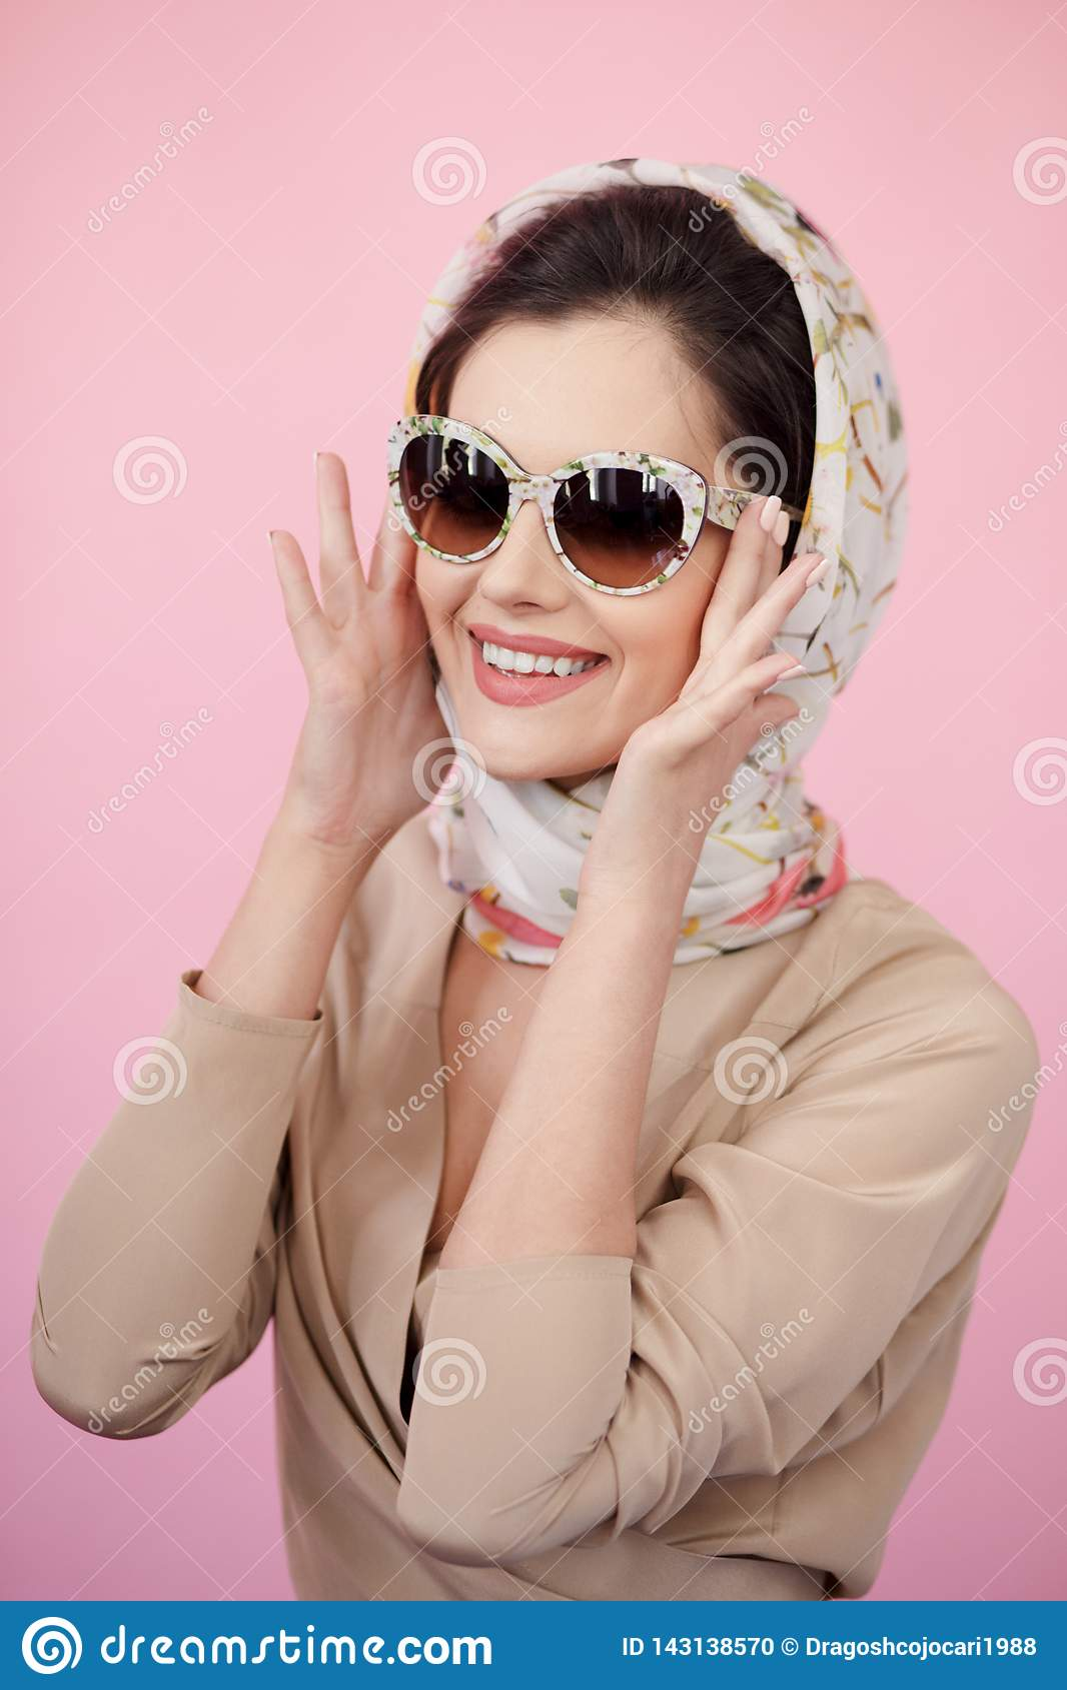 Ståenden av en ung kvinna som bär elegant kläder, solglasögon, trycker på han hans exponeringsglas med hans händer, rosa bakgrund